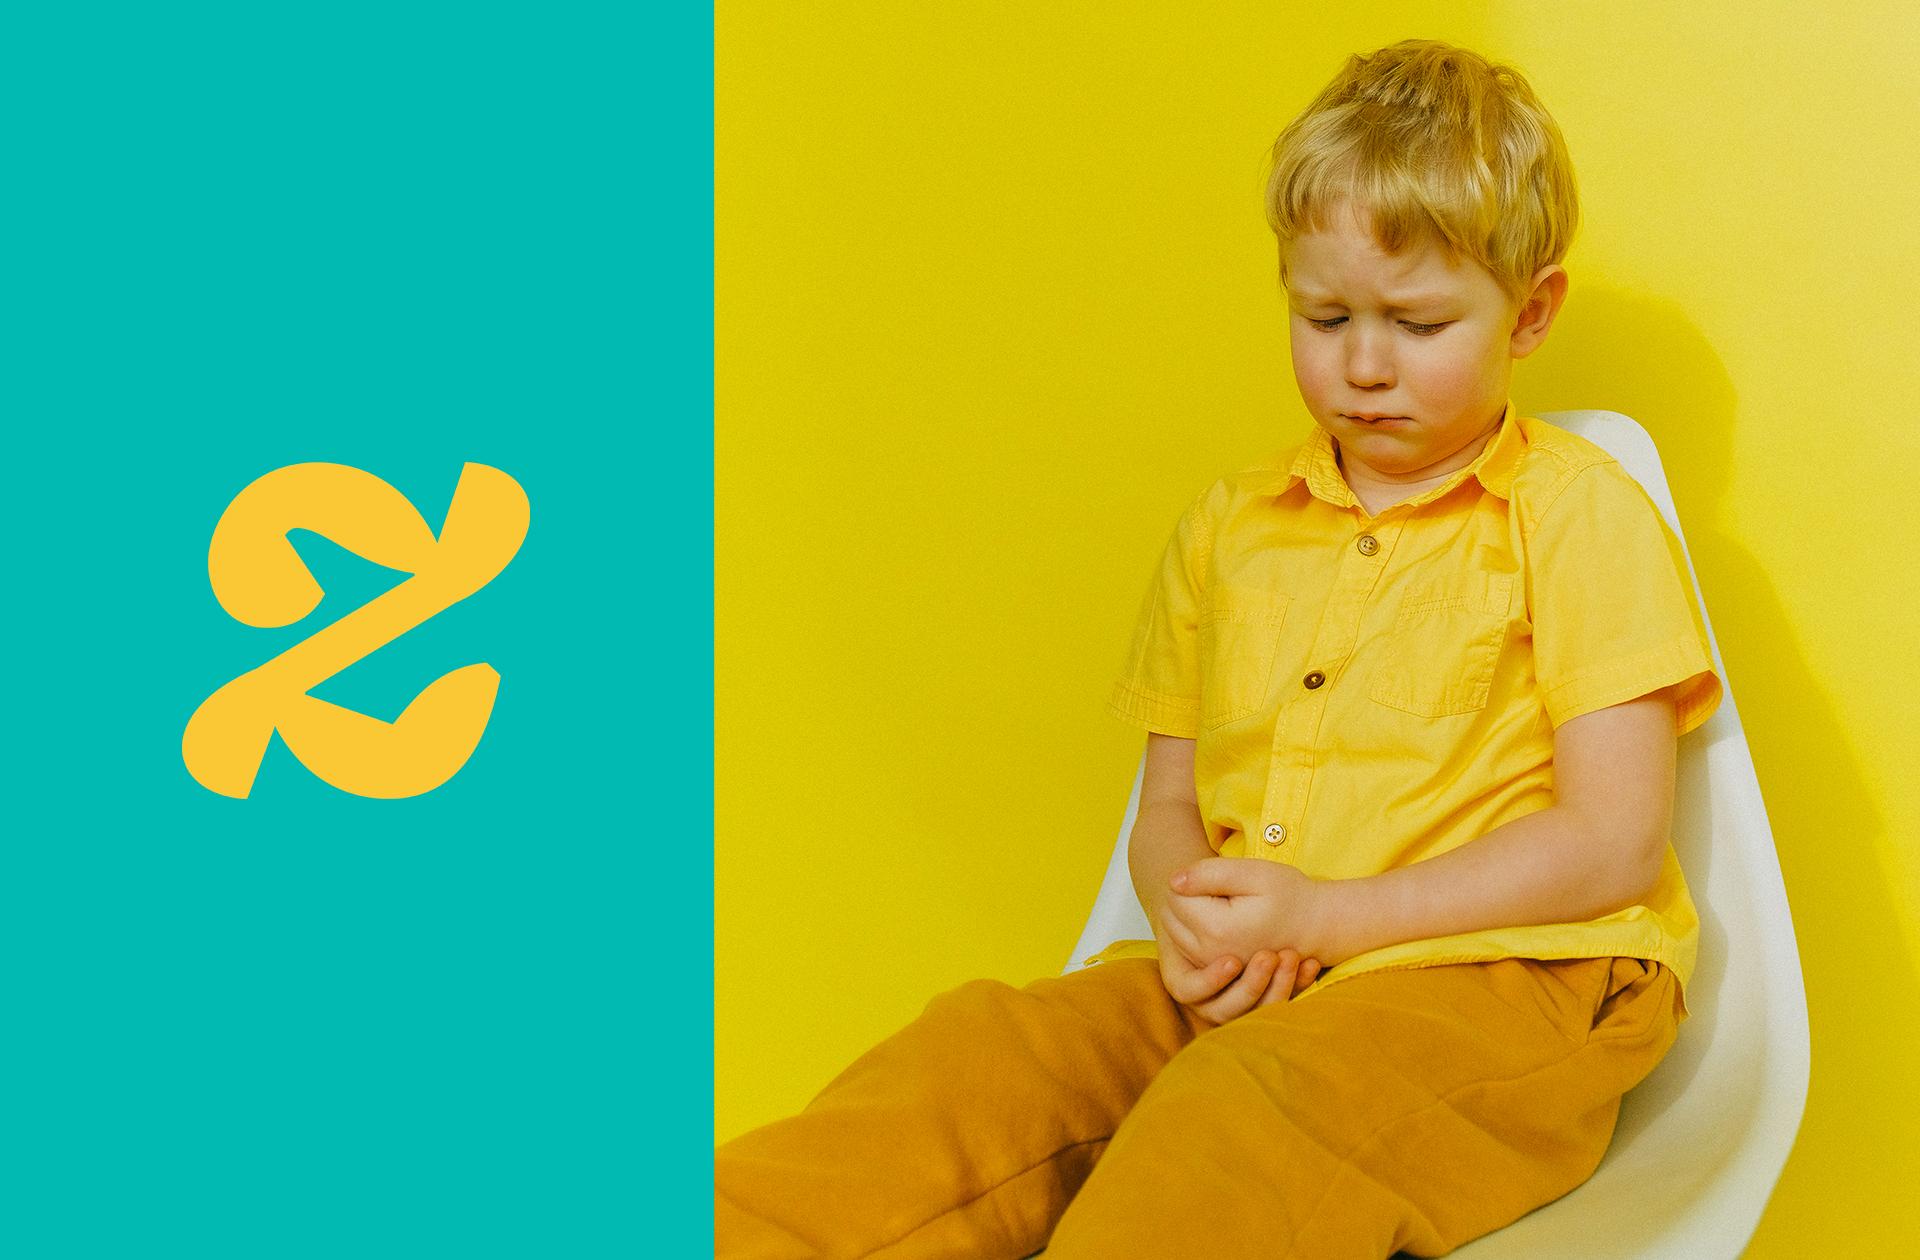 enfant puni sur une chaise